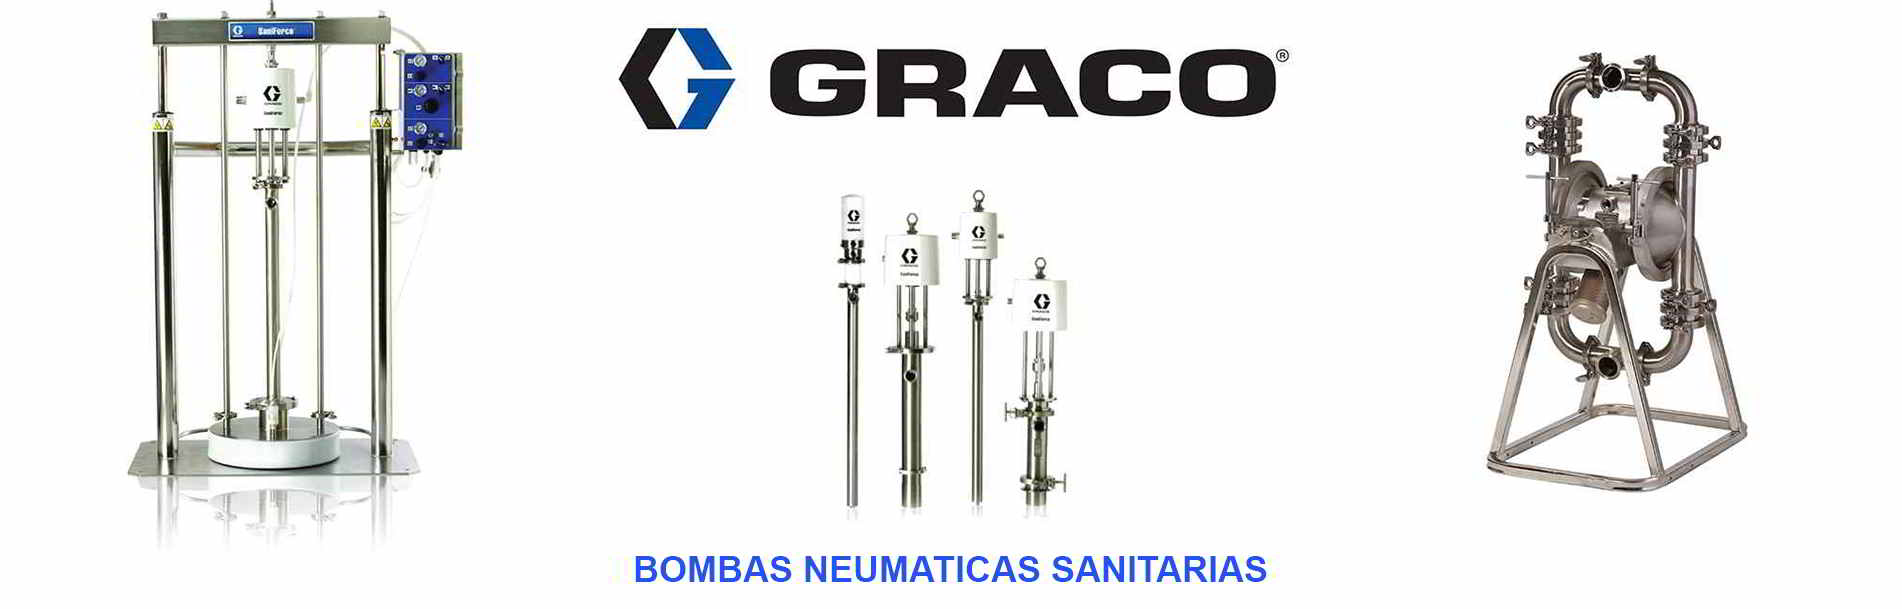 graco-c